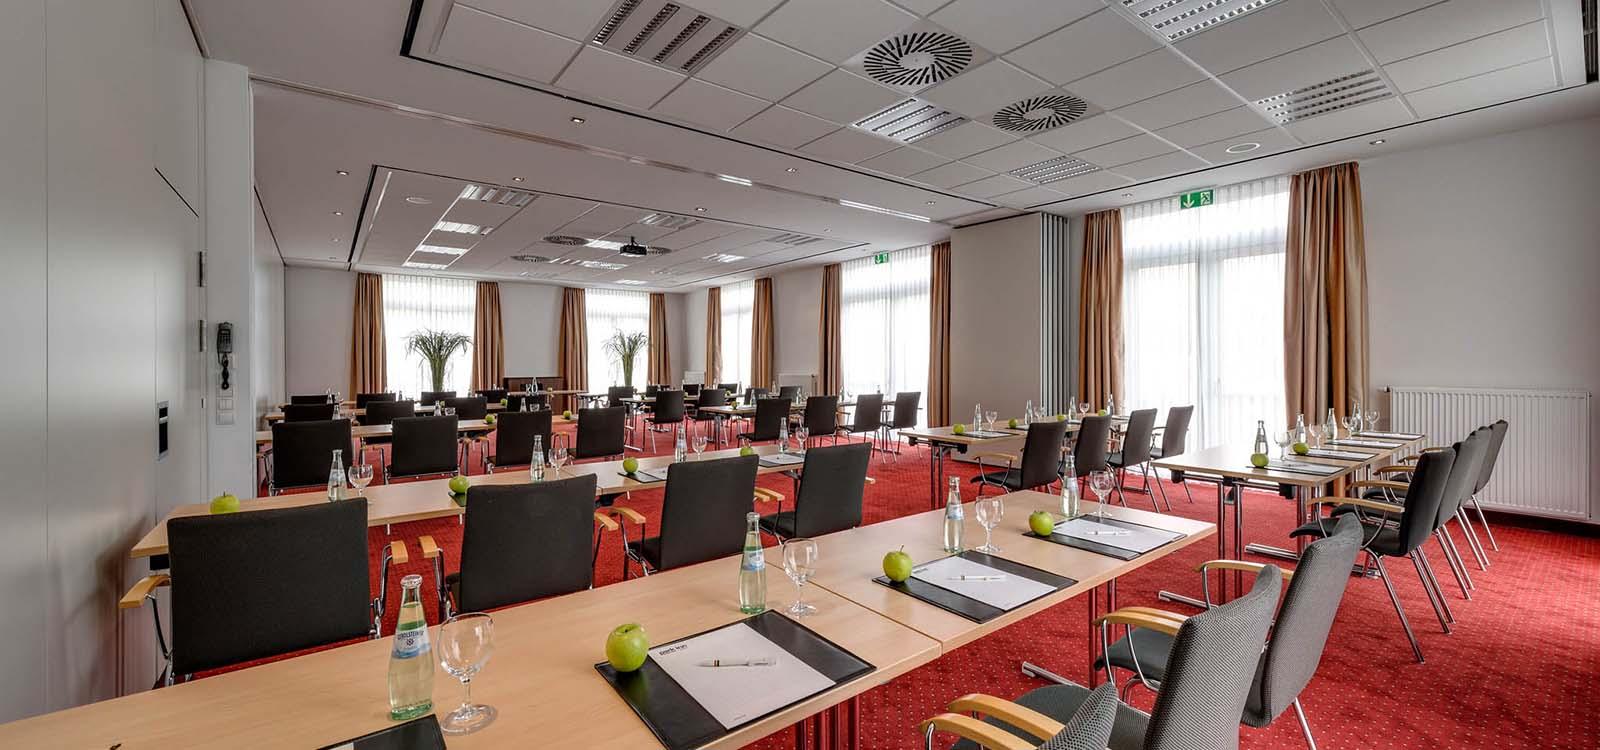 Pv Hotels Deutschland Zahlen